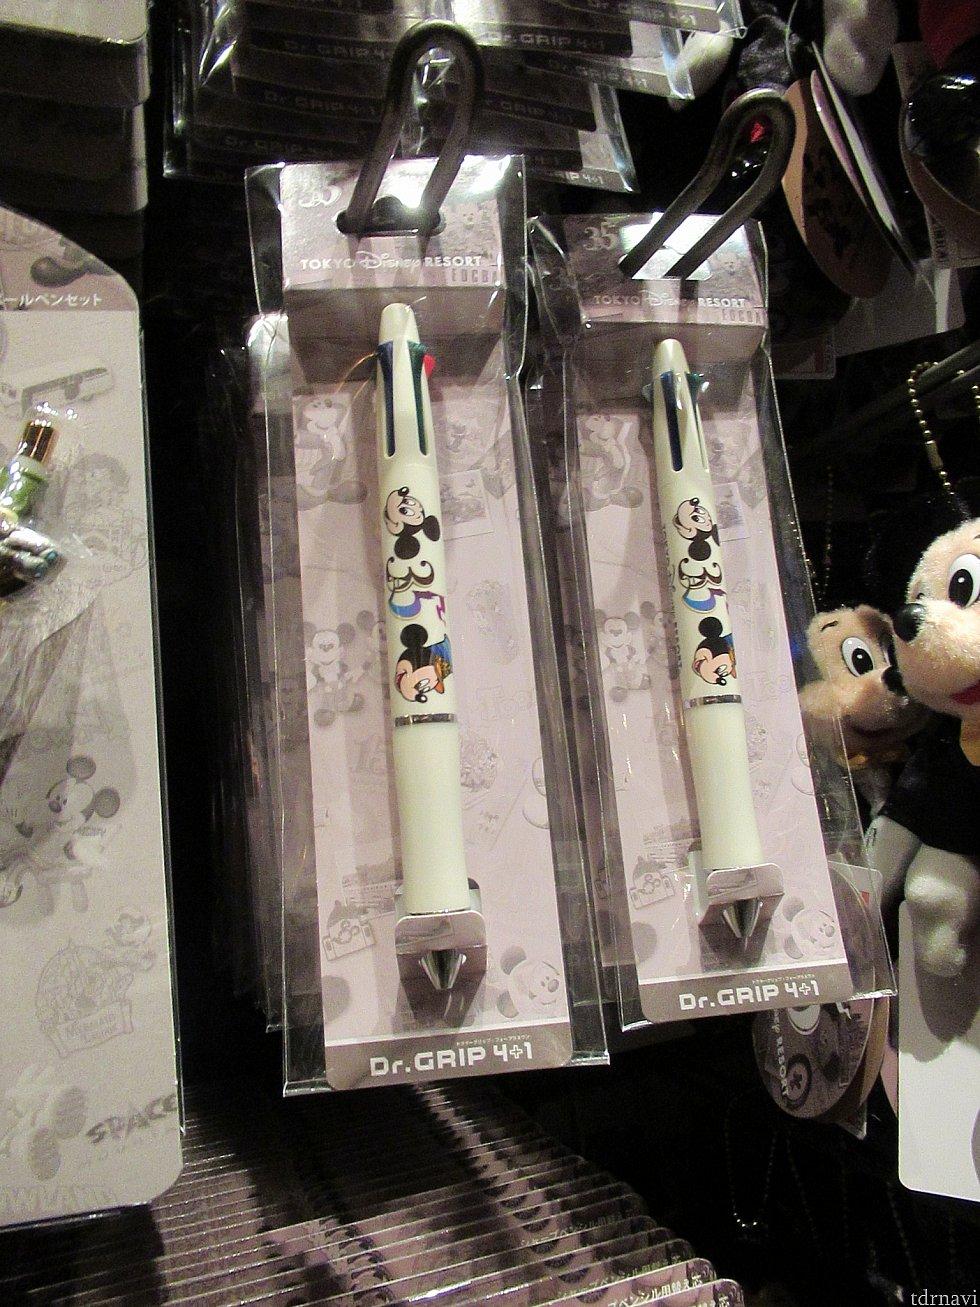 ボールペン 1800円 赤、青、緑、黒とシャープペンでいずれも替え芯使えます。 Dr.グリップなので使いやすそうです🖋